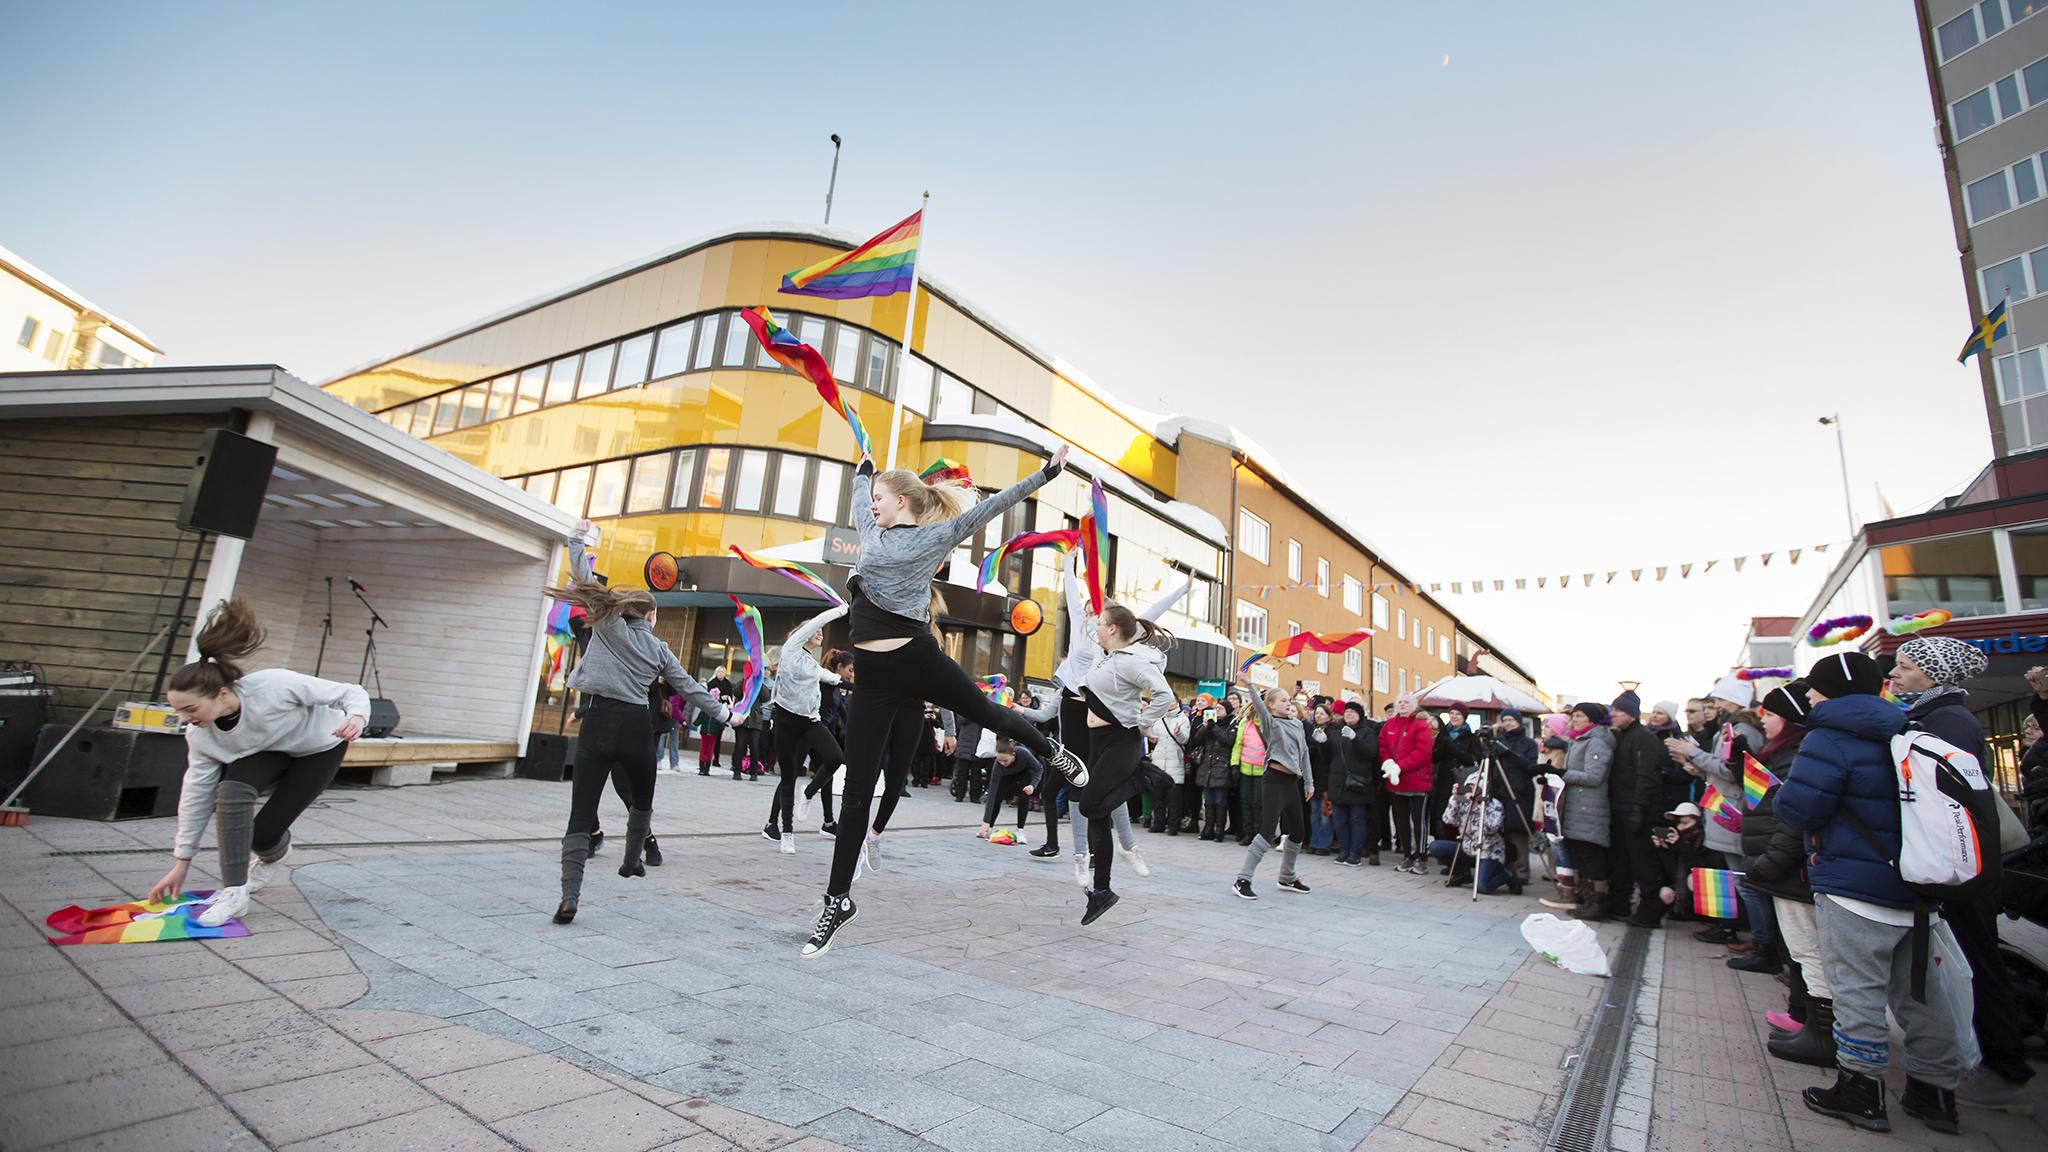 Dansare med prideflaggor dansar på medborgarplatsen i Boden.